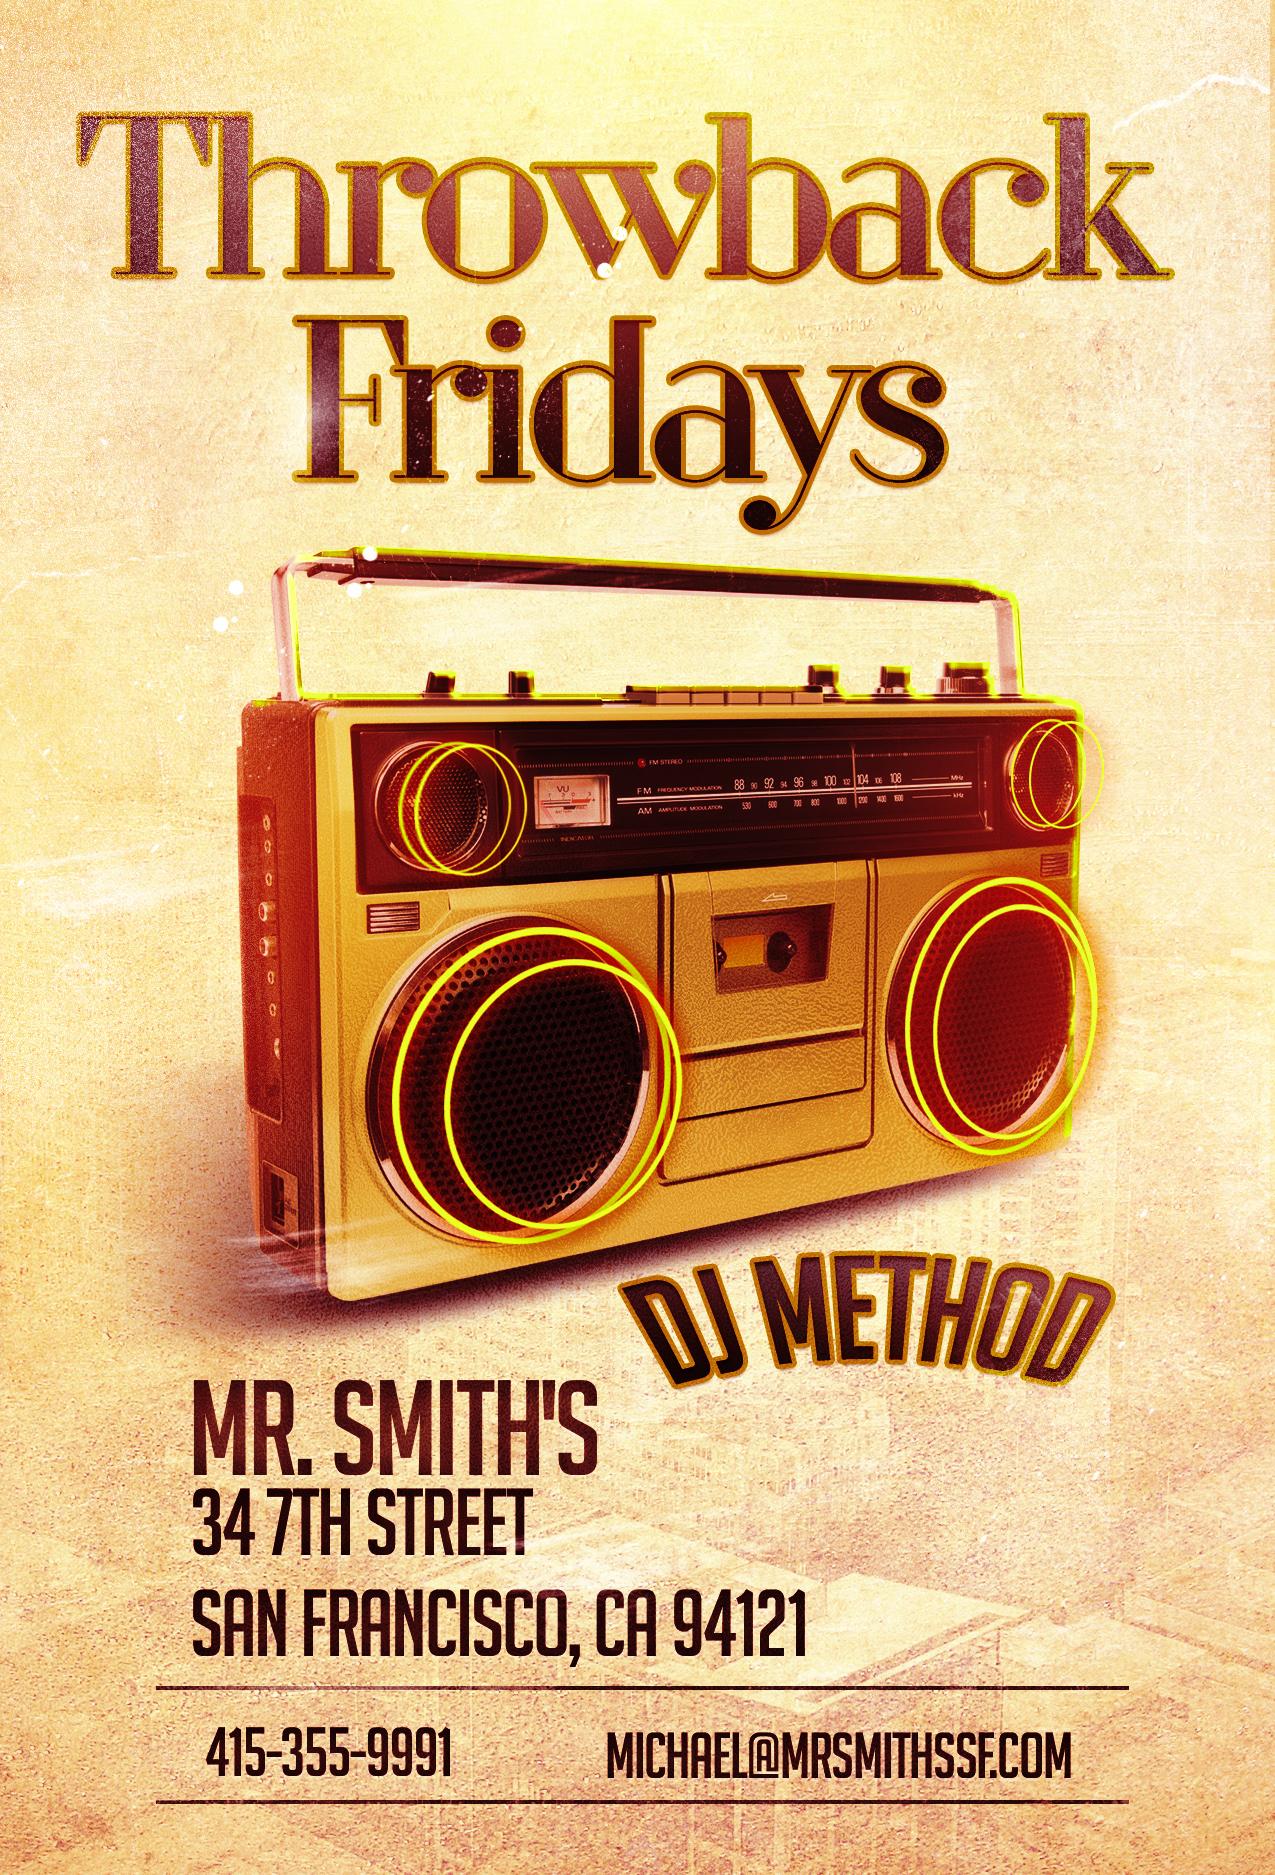 Throwback Fridays DJ Method .jpg